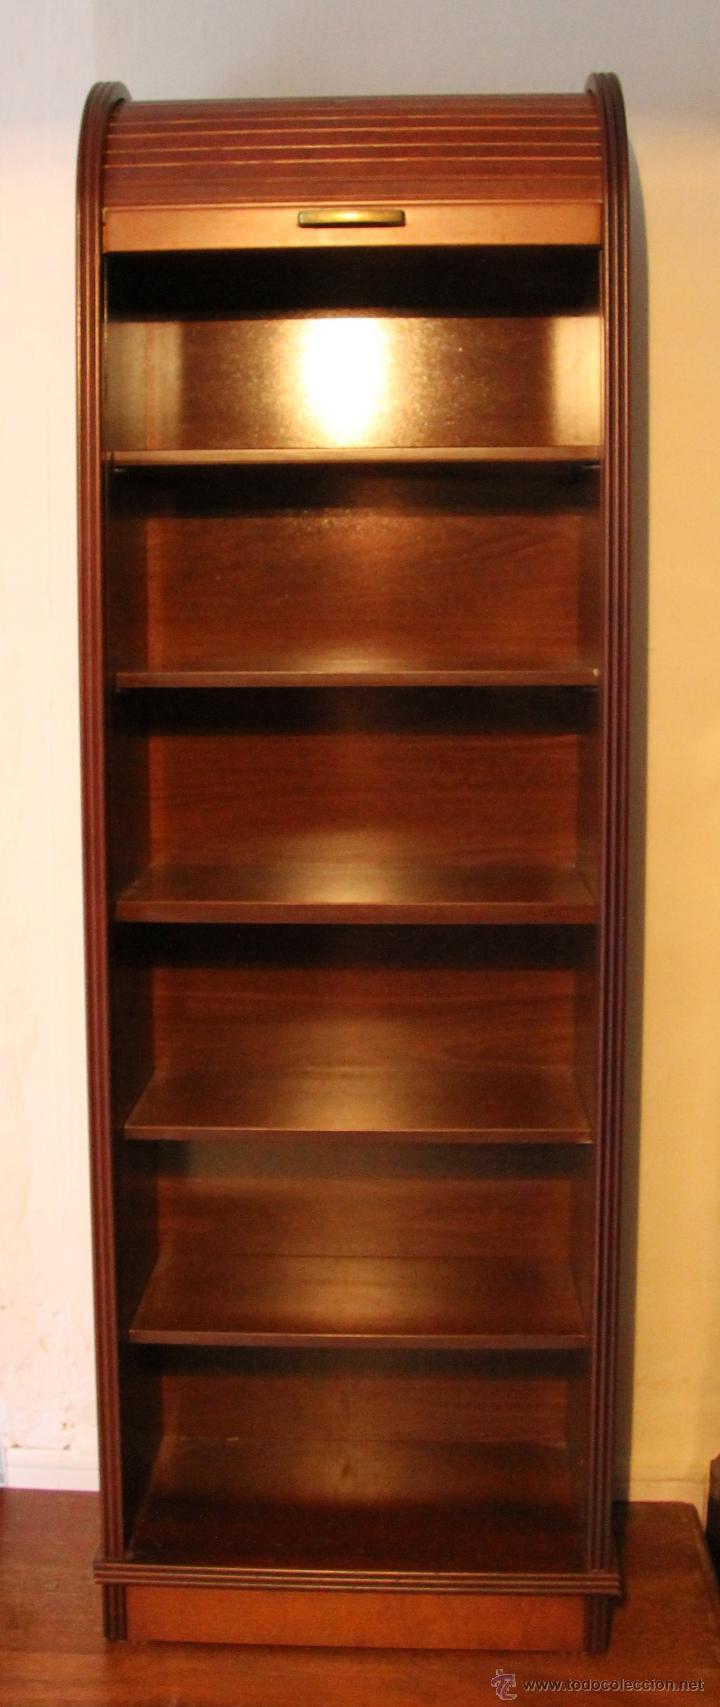 Mueble estanteria de madera con puerta correder comprar Librerias de pared